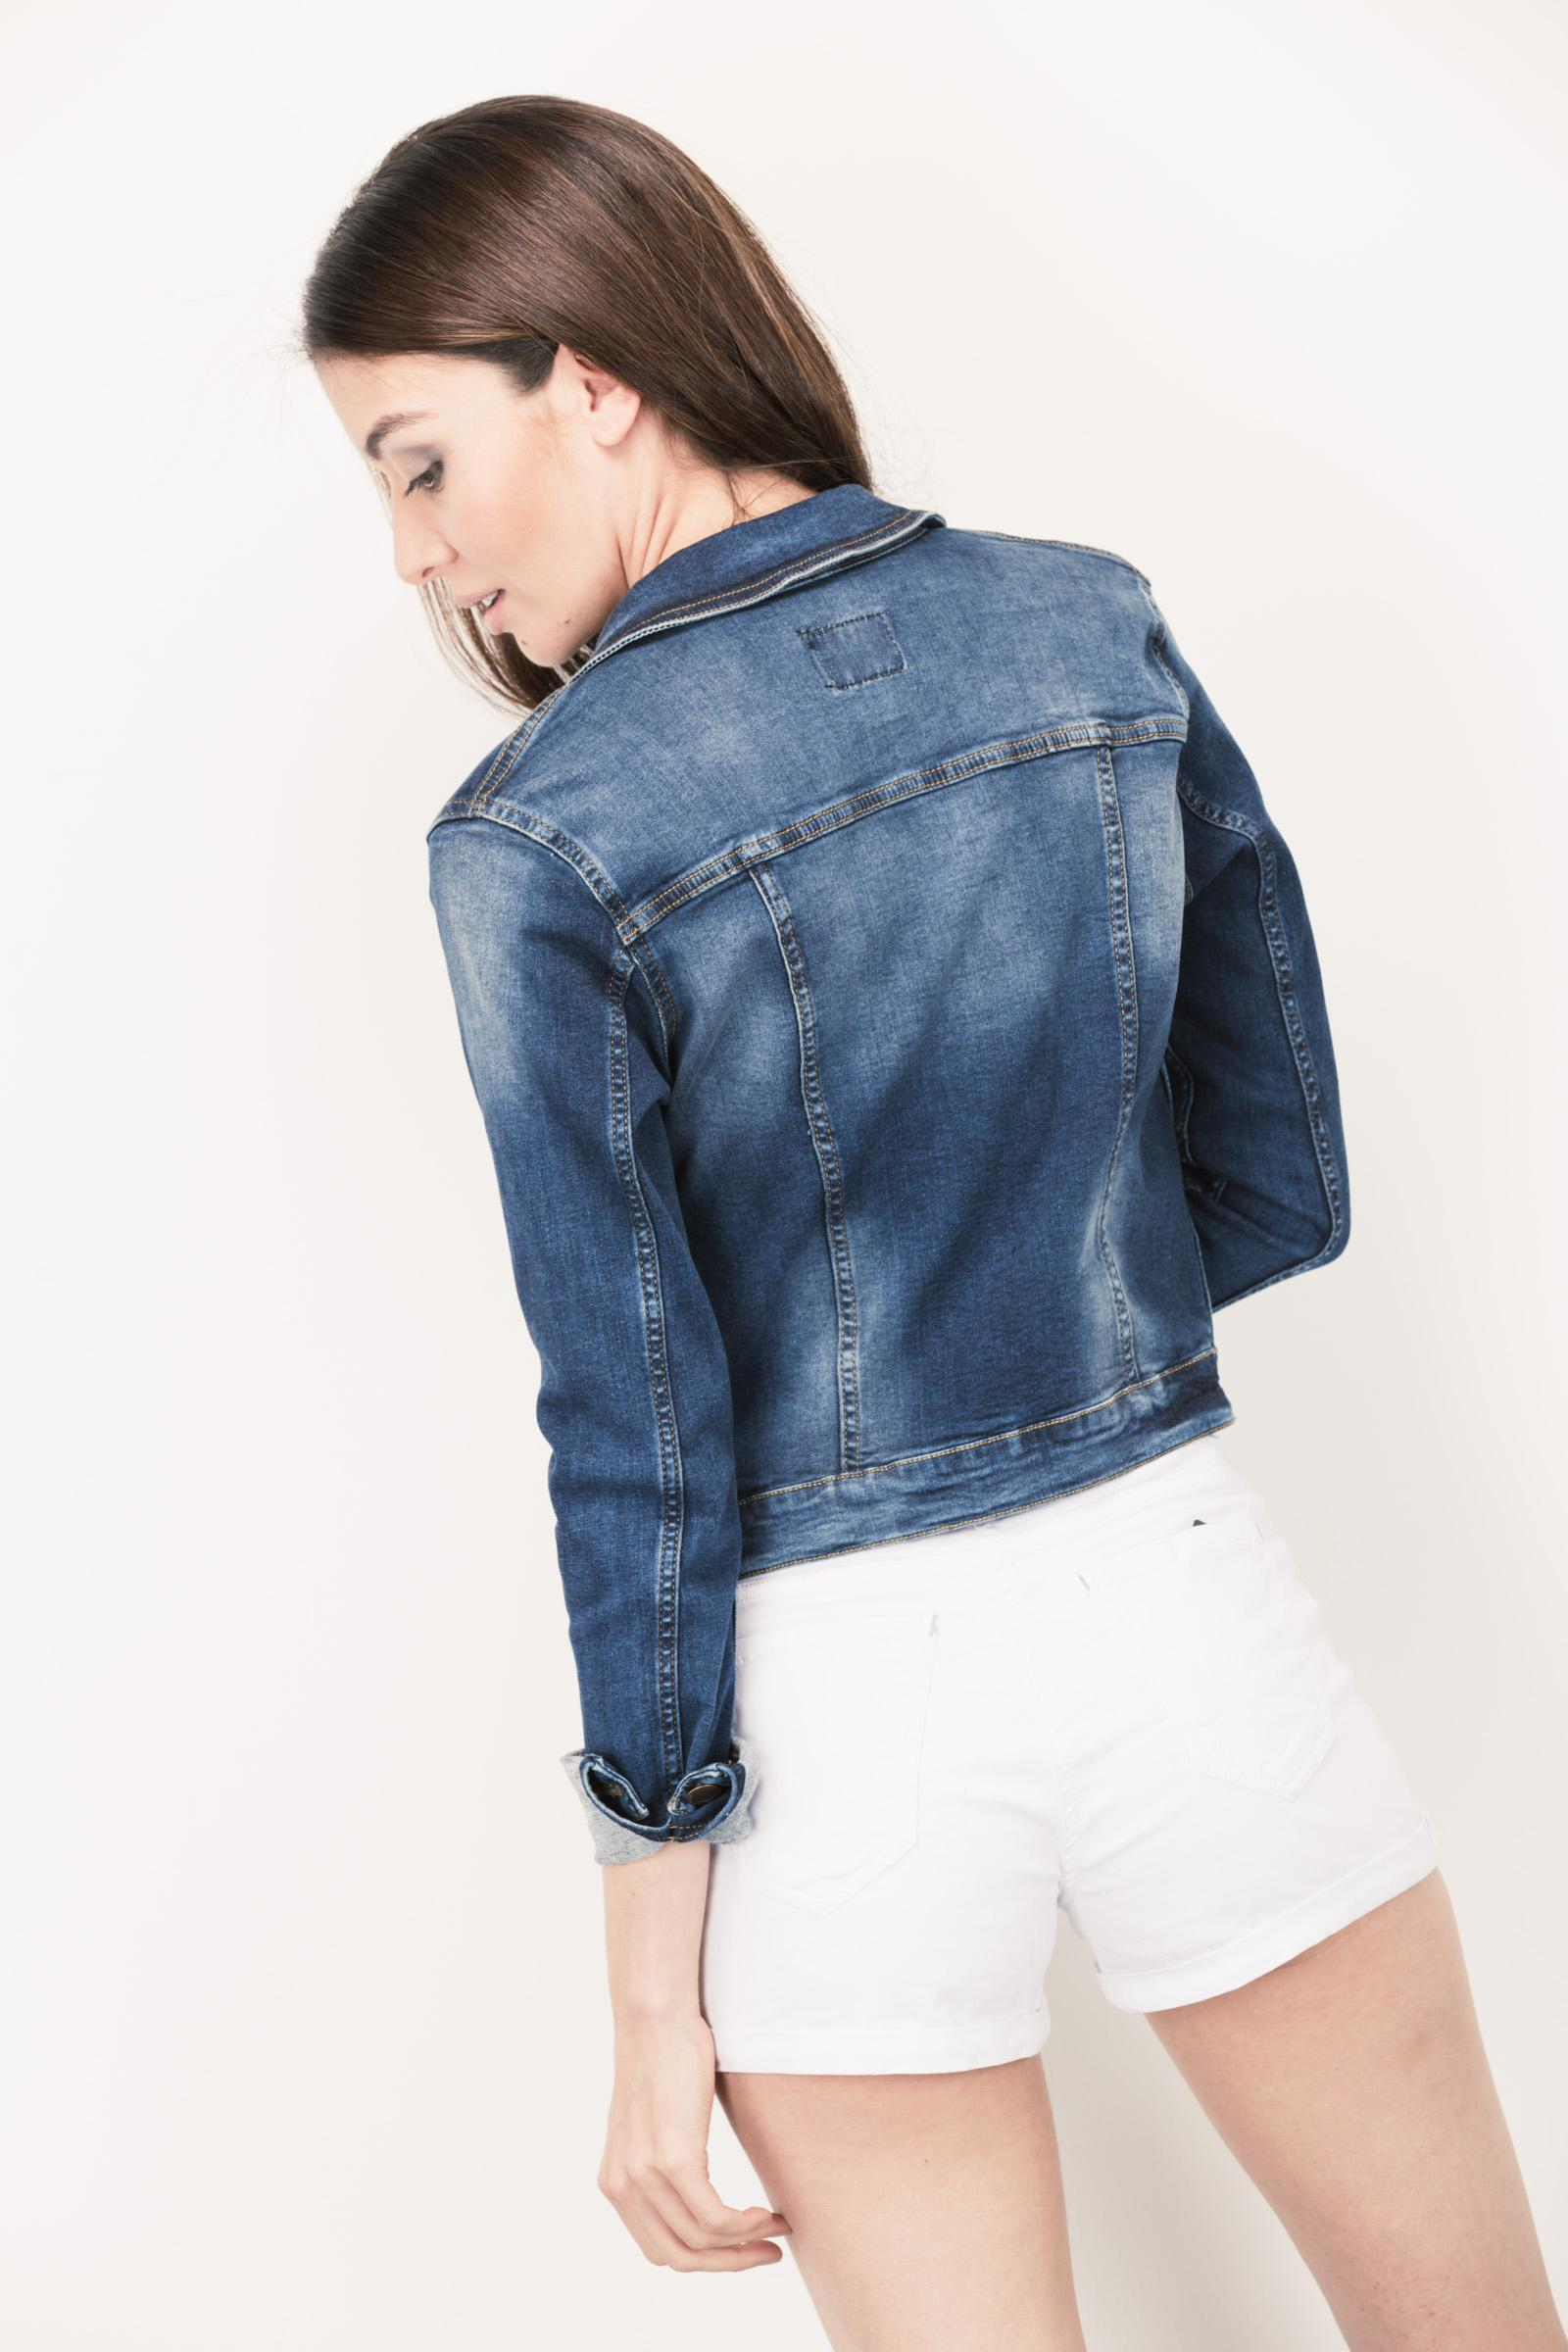 Jeanswear-CHAQUETA KOAJ DELMARA 11 4/16